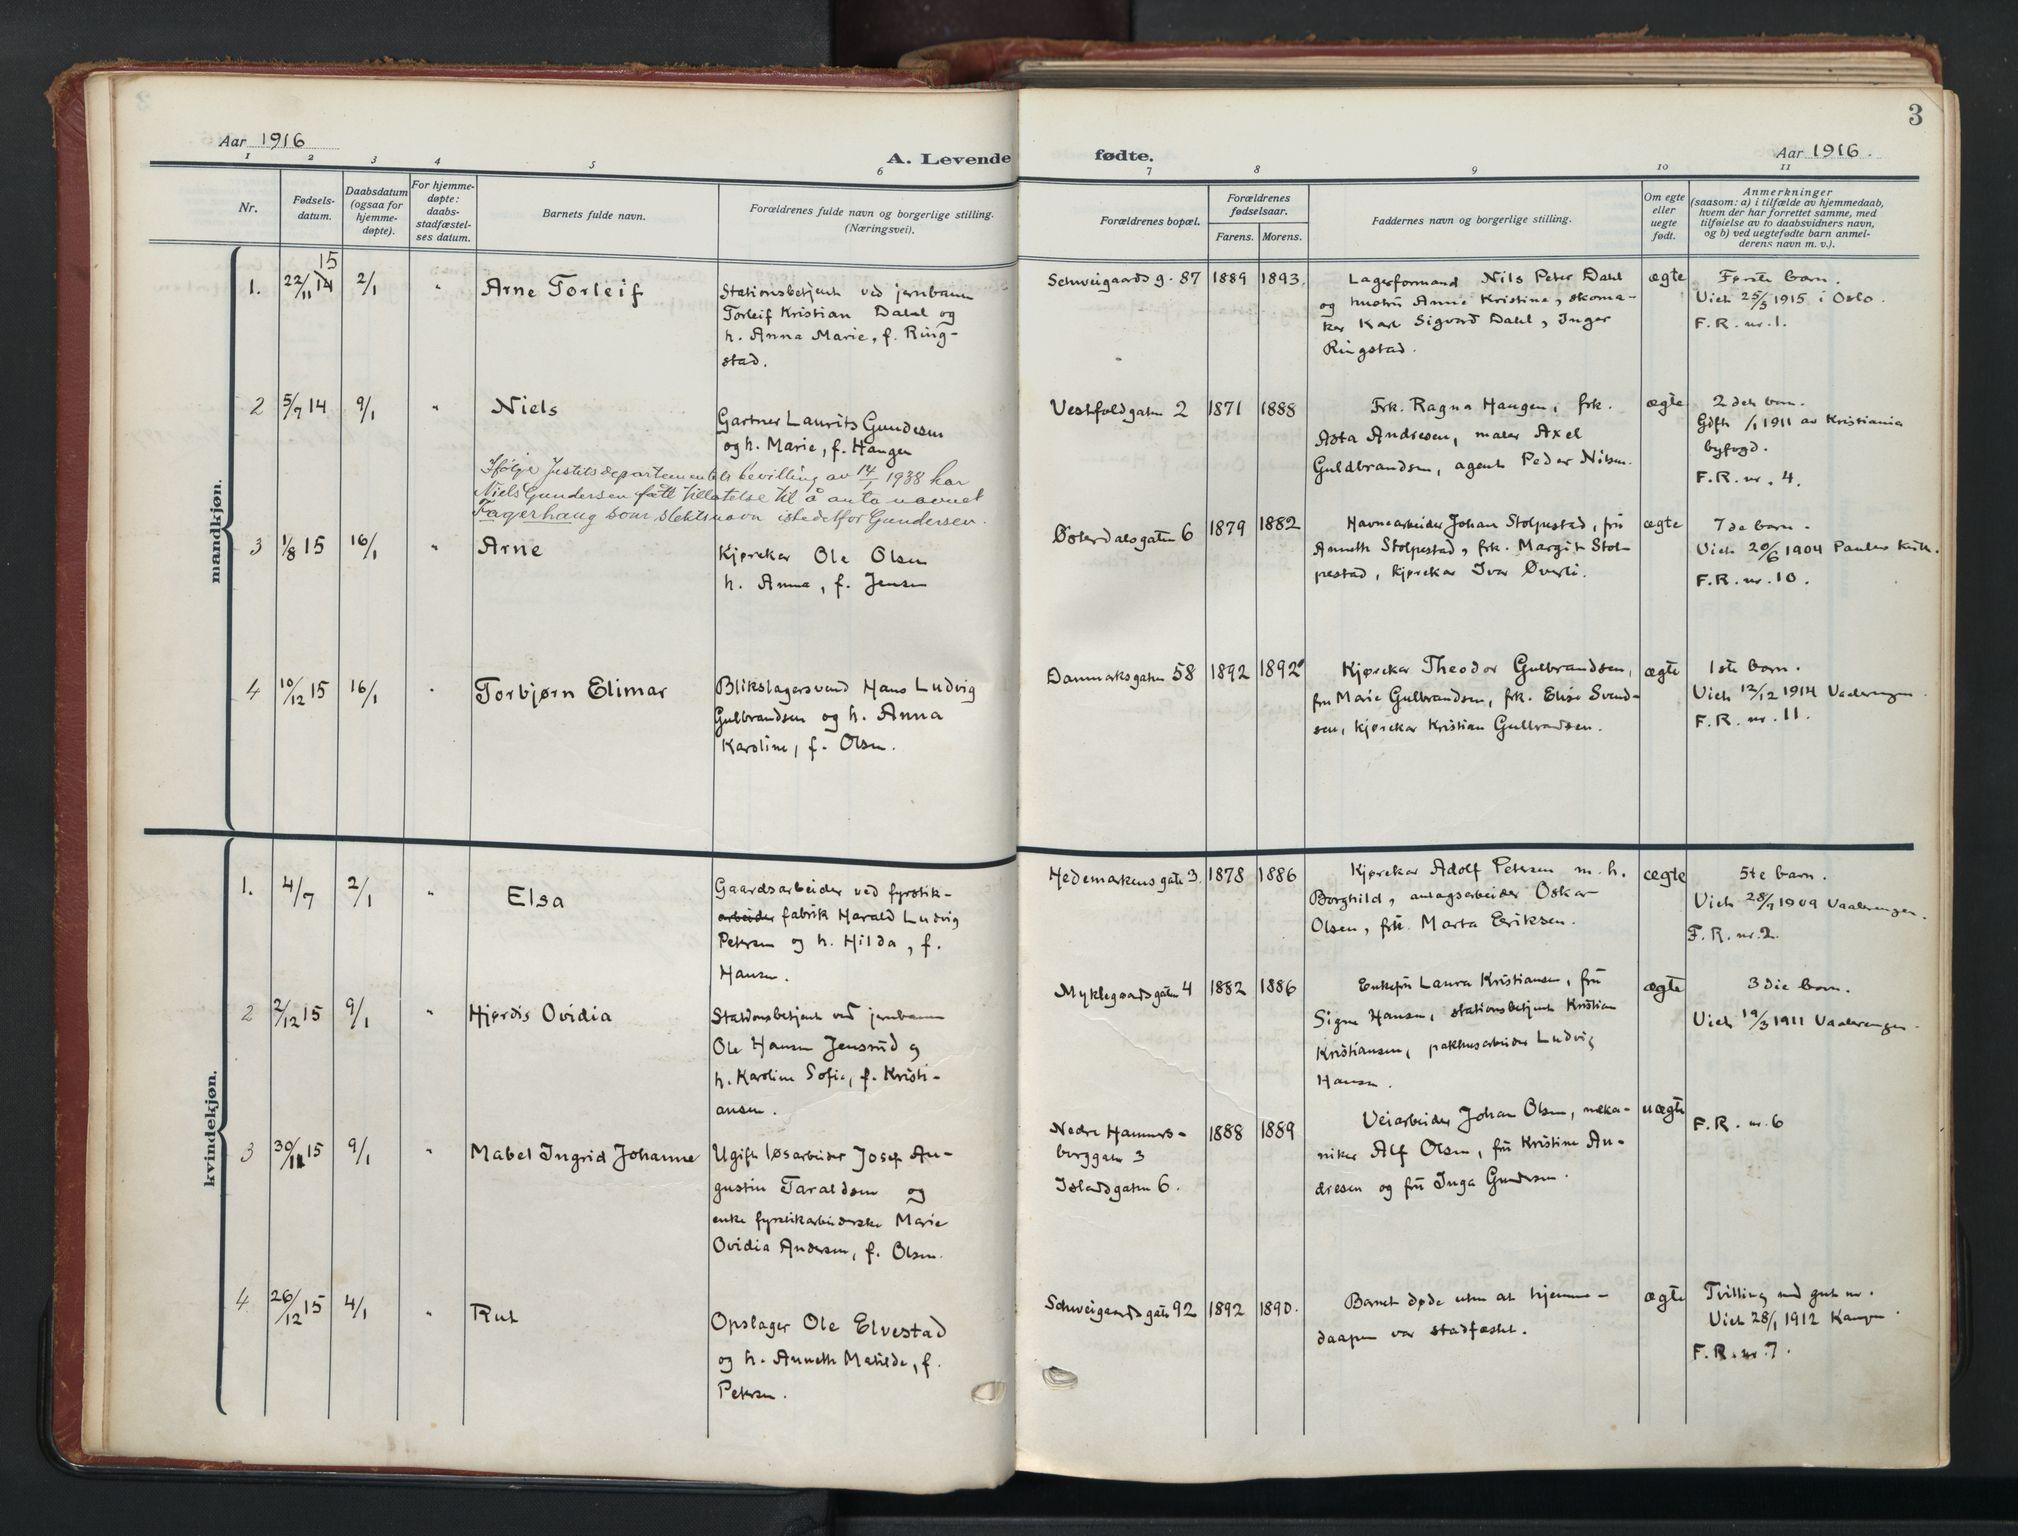 SAO, Vålerengen prestekontor Kirkebøker, F/Fa/L0004: Ministerialbok nr. 4, 1915-1929, s. 3